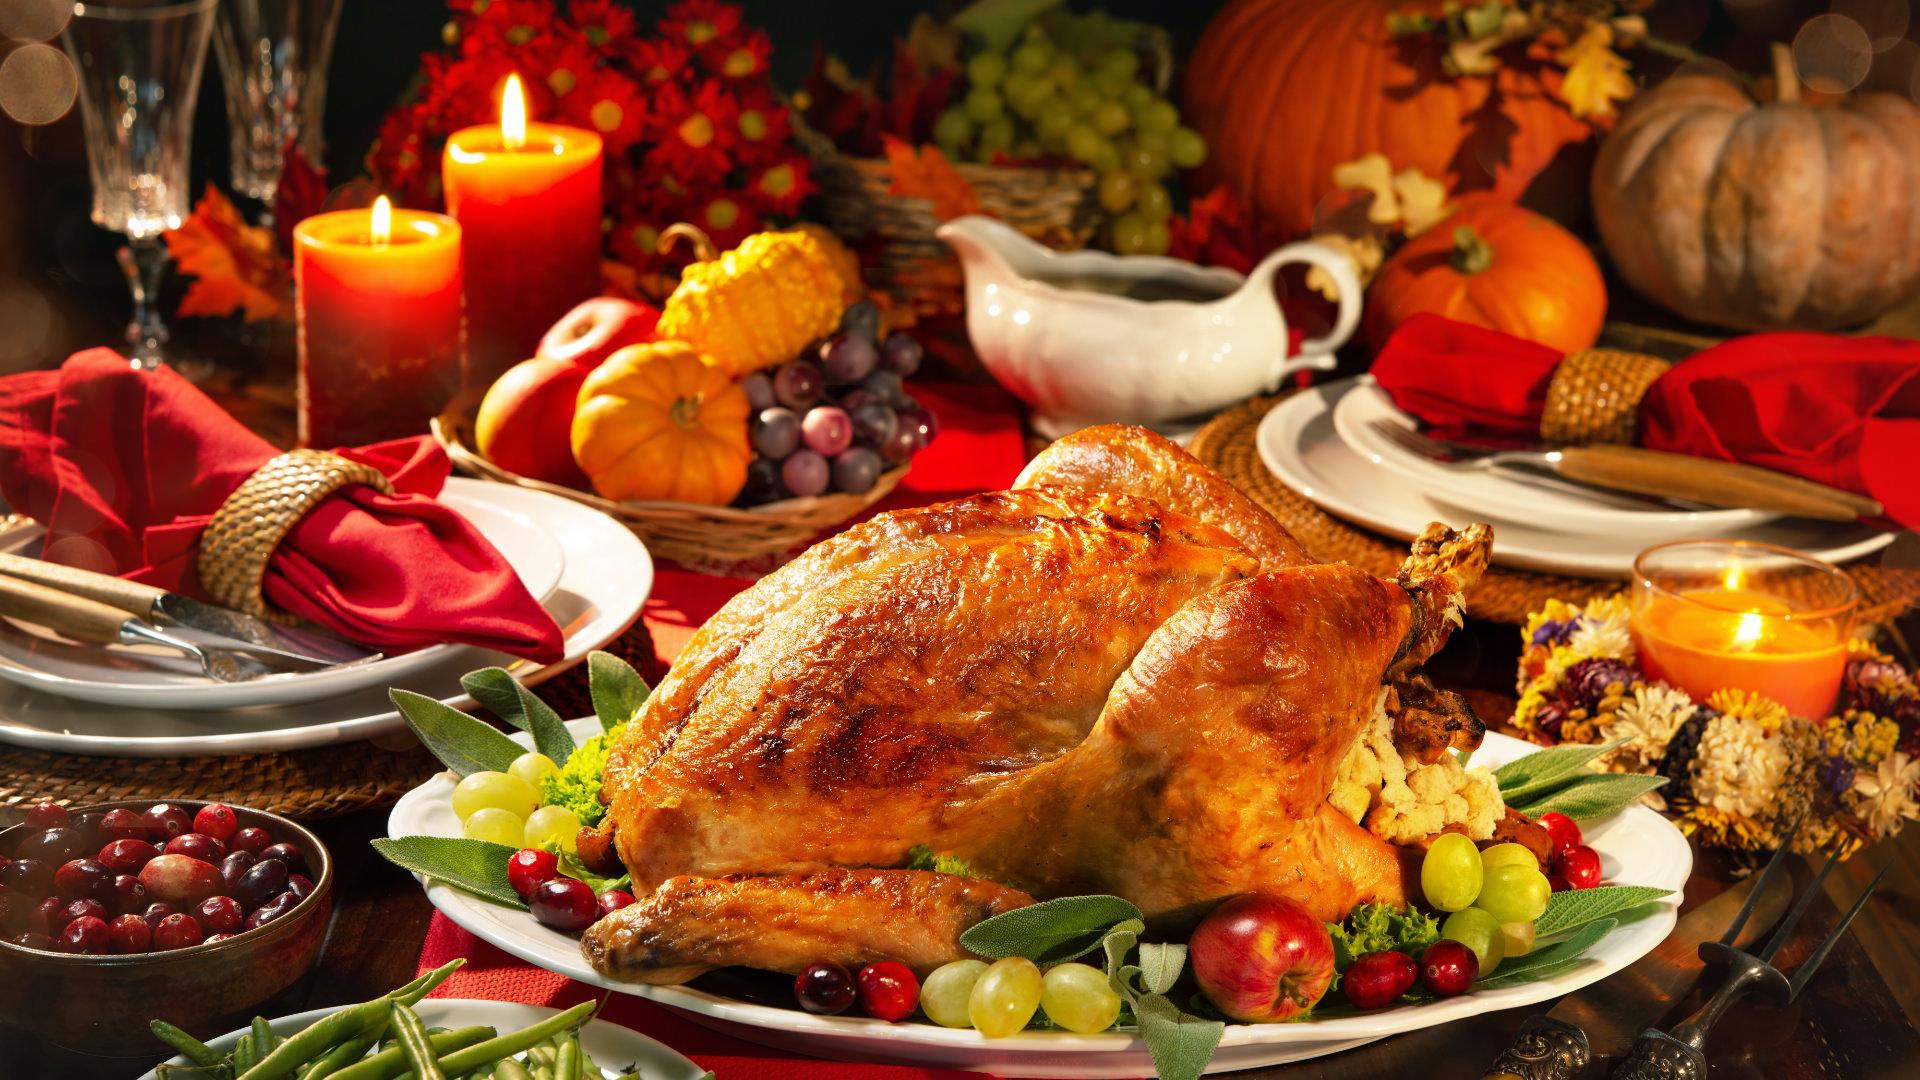 Yılın Hasadına Bin Şükür: Thanksgiving!